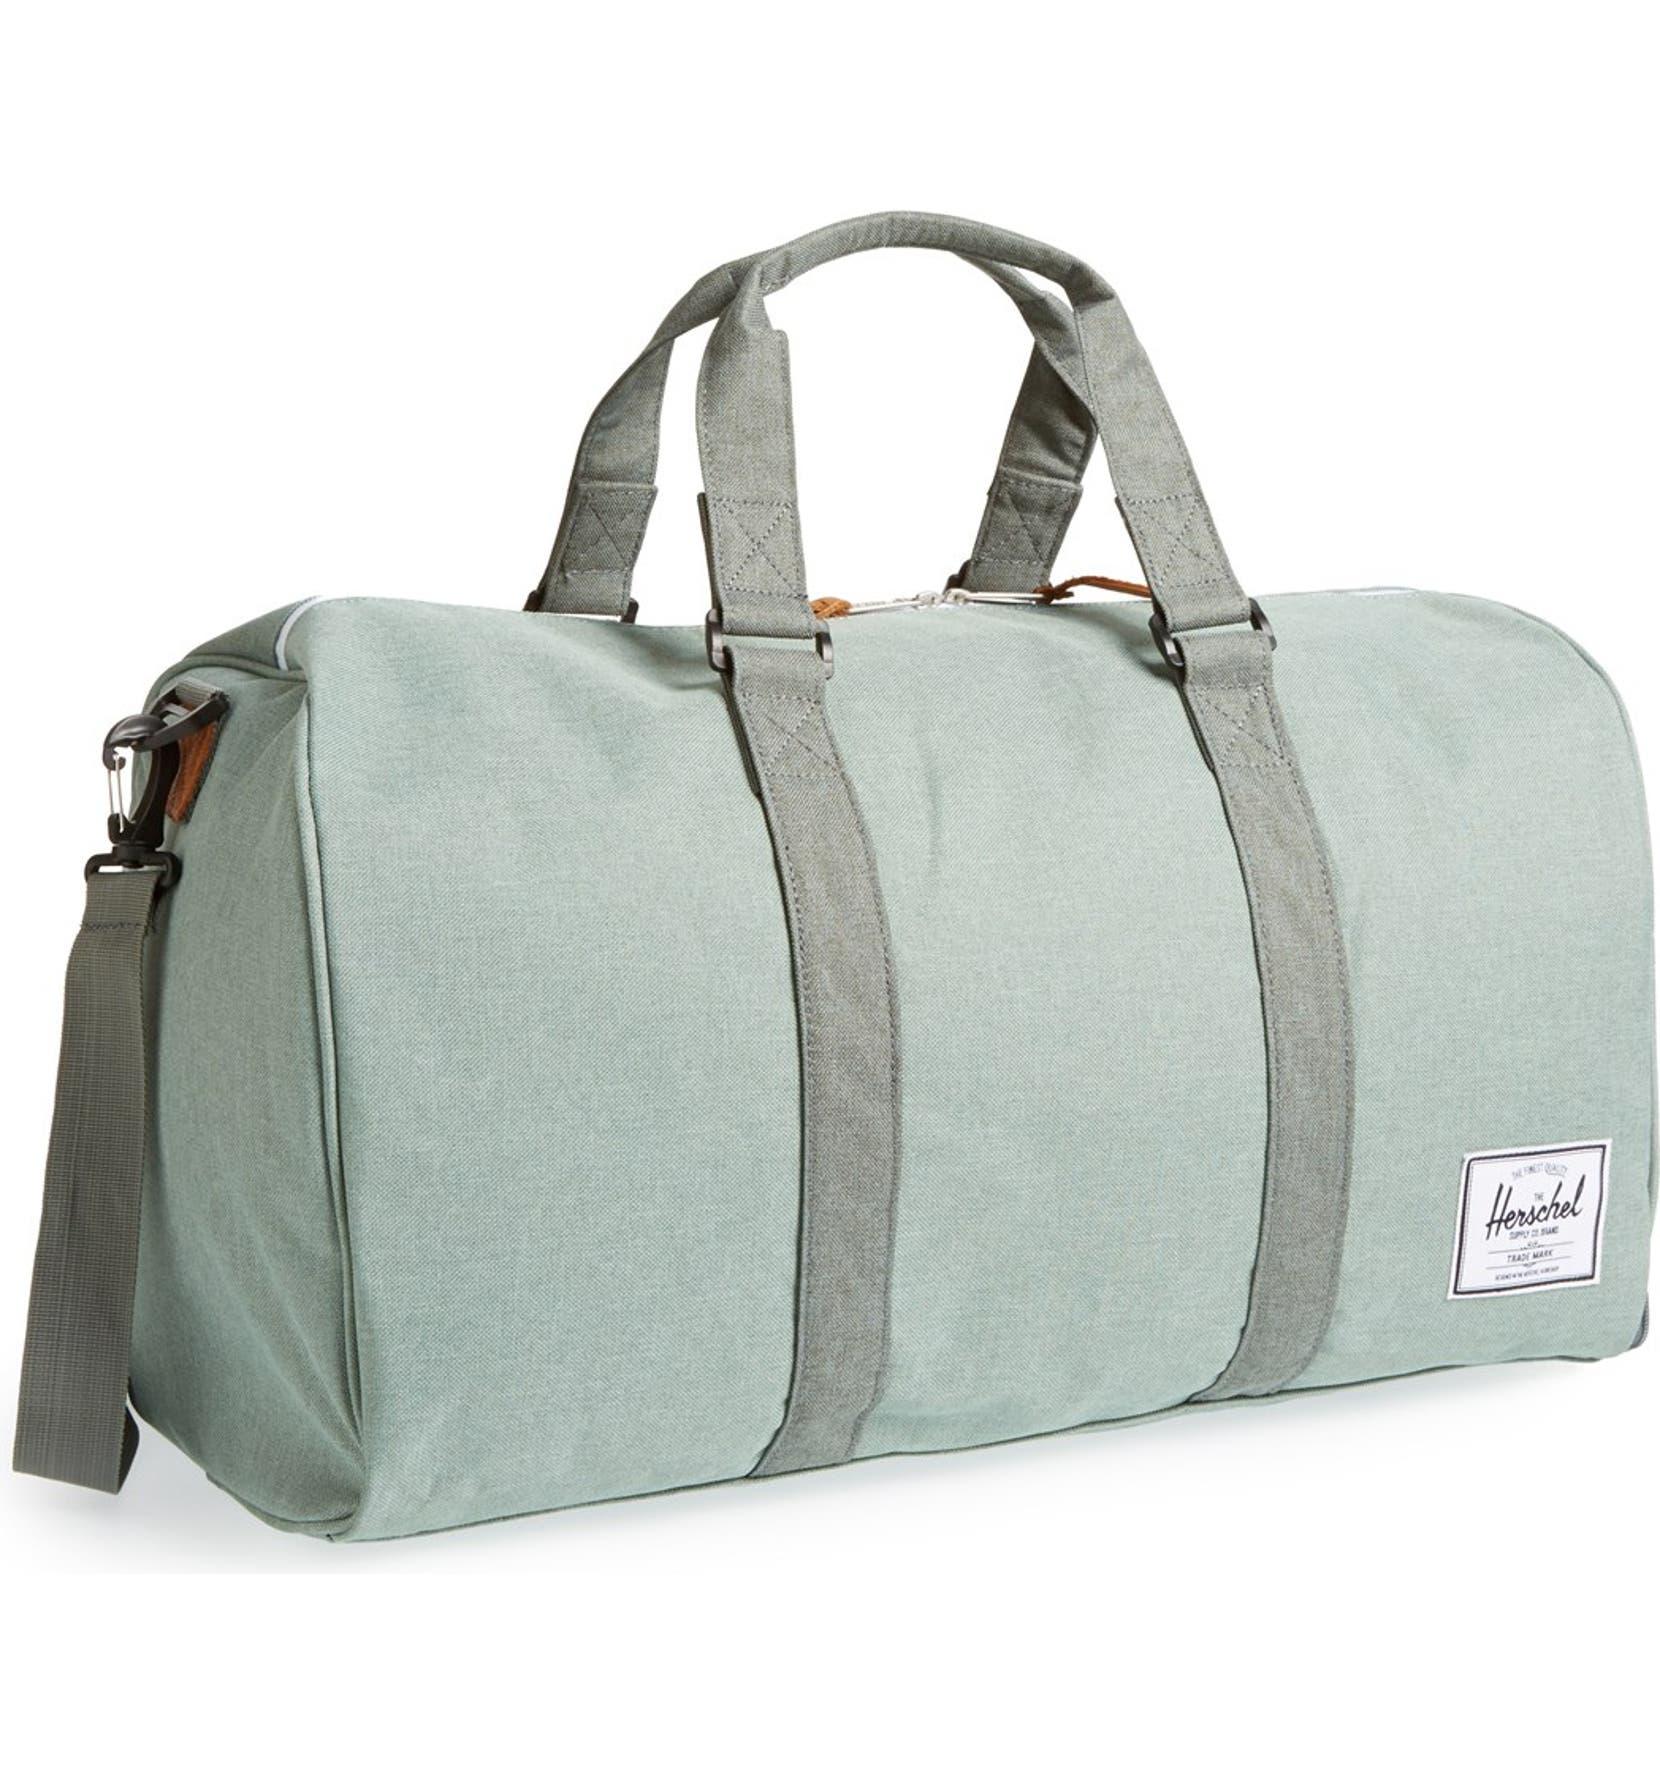 270540c97a91 Herschel Supply Co.  Novel  Duffel Bag